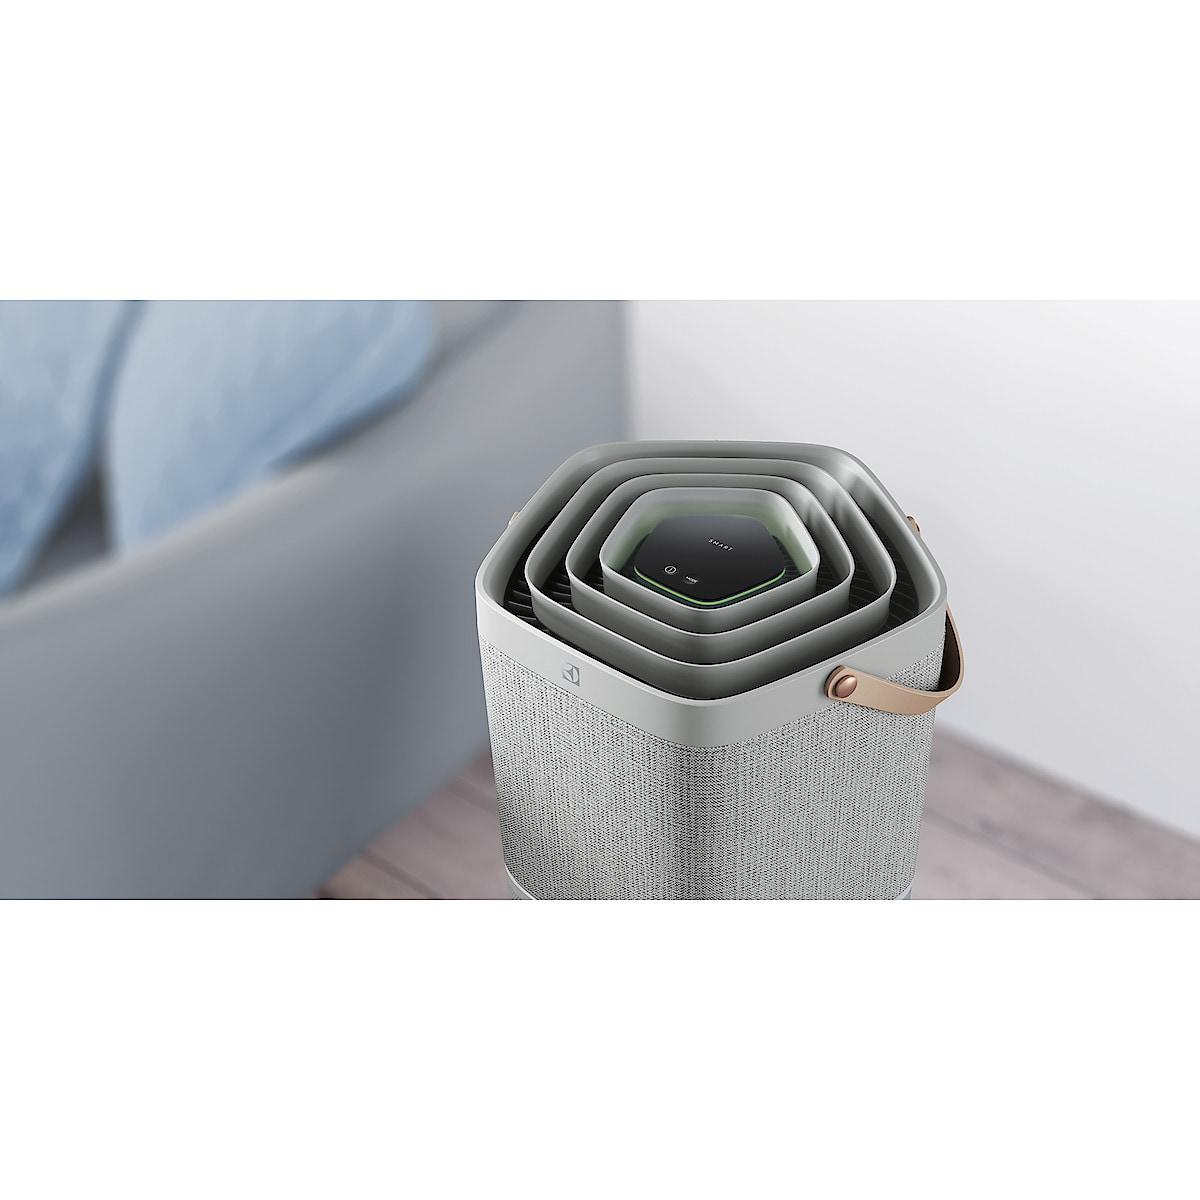 Ilmanpuhdistin Electrolux Pure A9, PA91-604GY